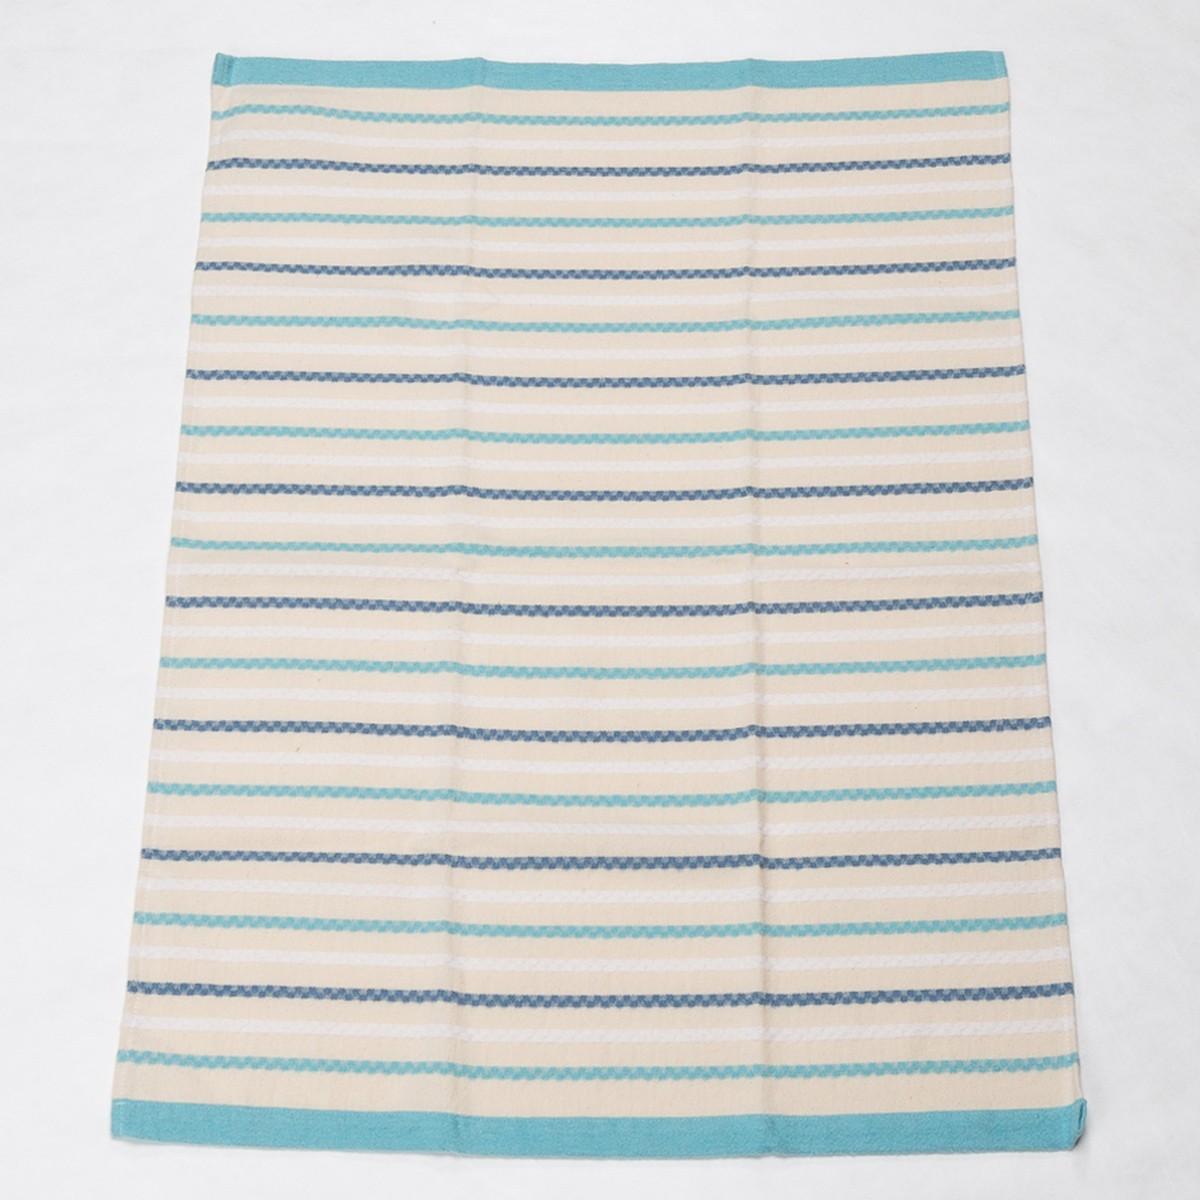 Κουβέρτα Fleece Αγκαλιάς David Fussenegger Ida 2811/57 home   βρεφικά   κουβέρτες βρεφικές   κουβέρτες fleece